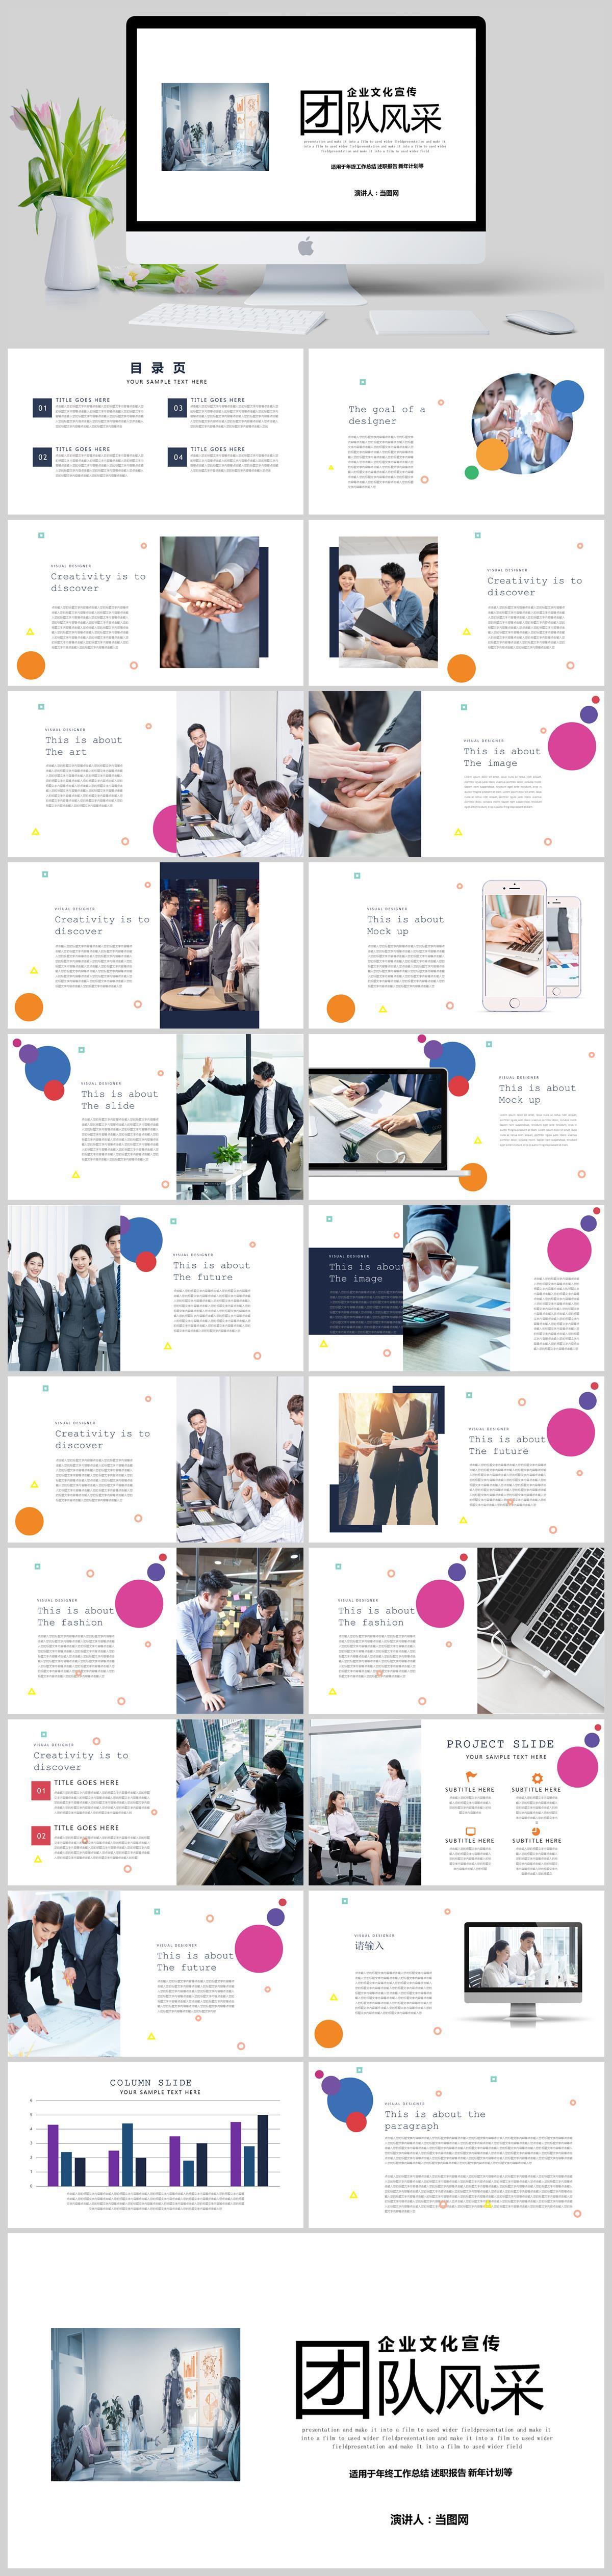 企业文化宣传团队风采通用PPT亚博体育主页